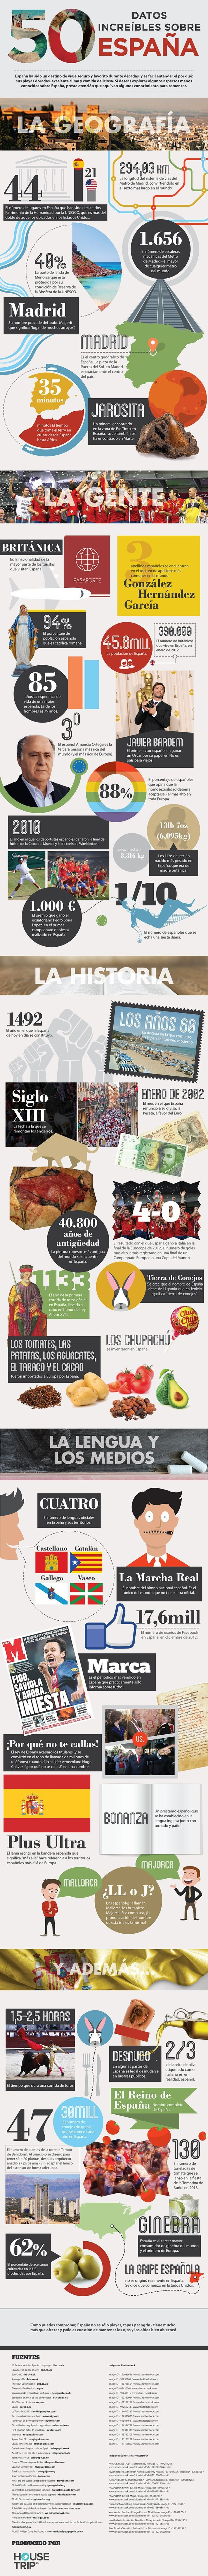 Datos sobre España. Es un pais con mucho historia